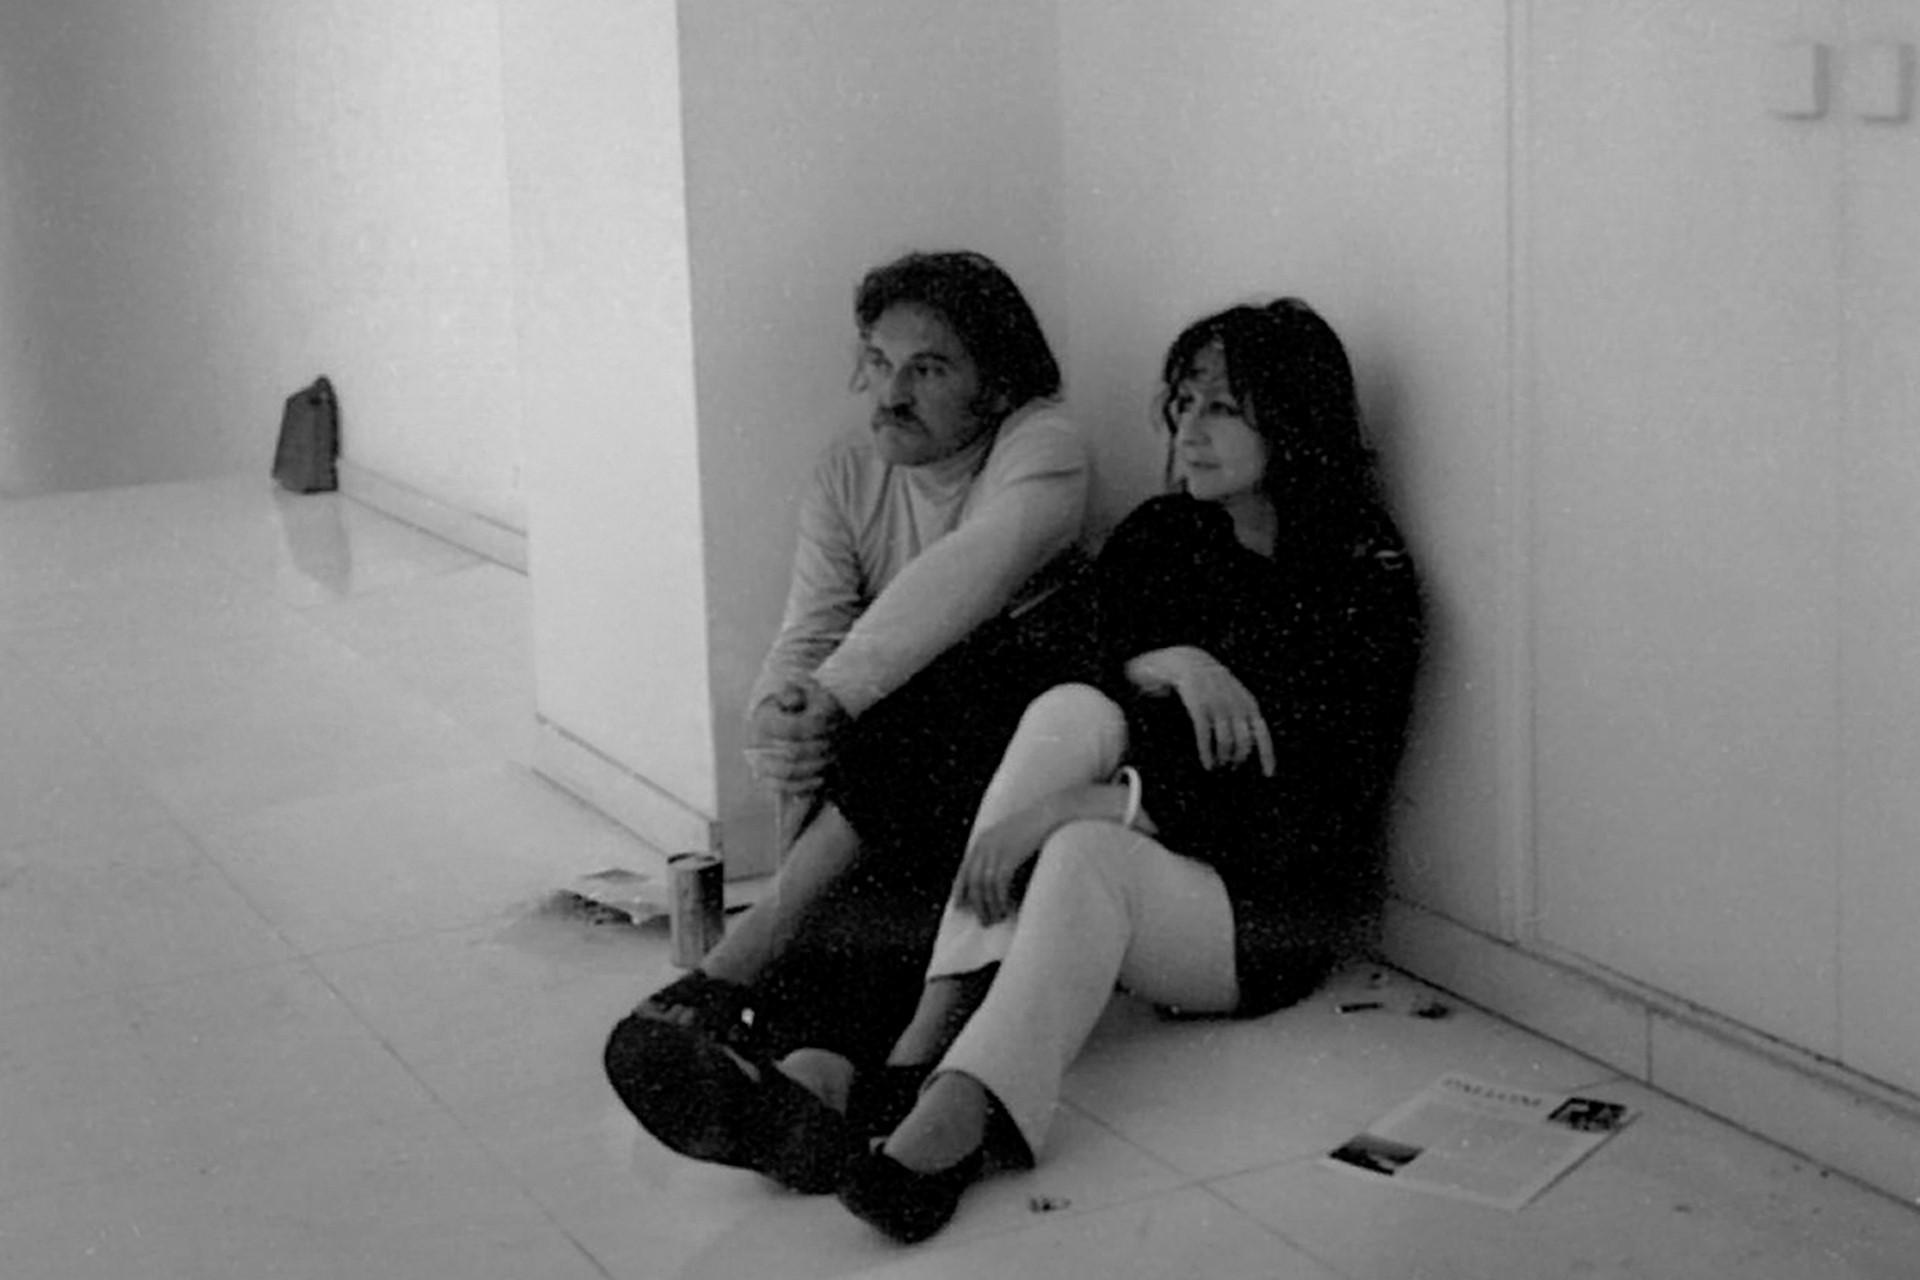 Il lavoro di Mario e Marisa Merz in un dialogo inedito alla Fondazione Merz di Torino